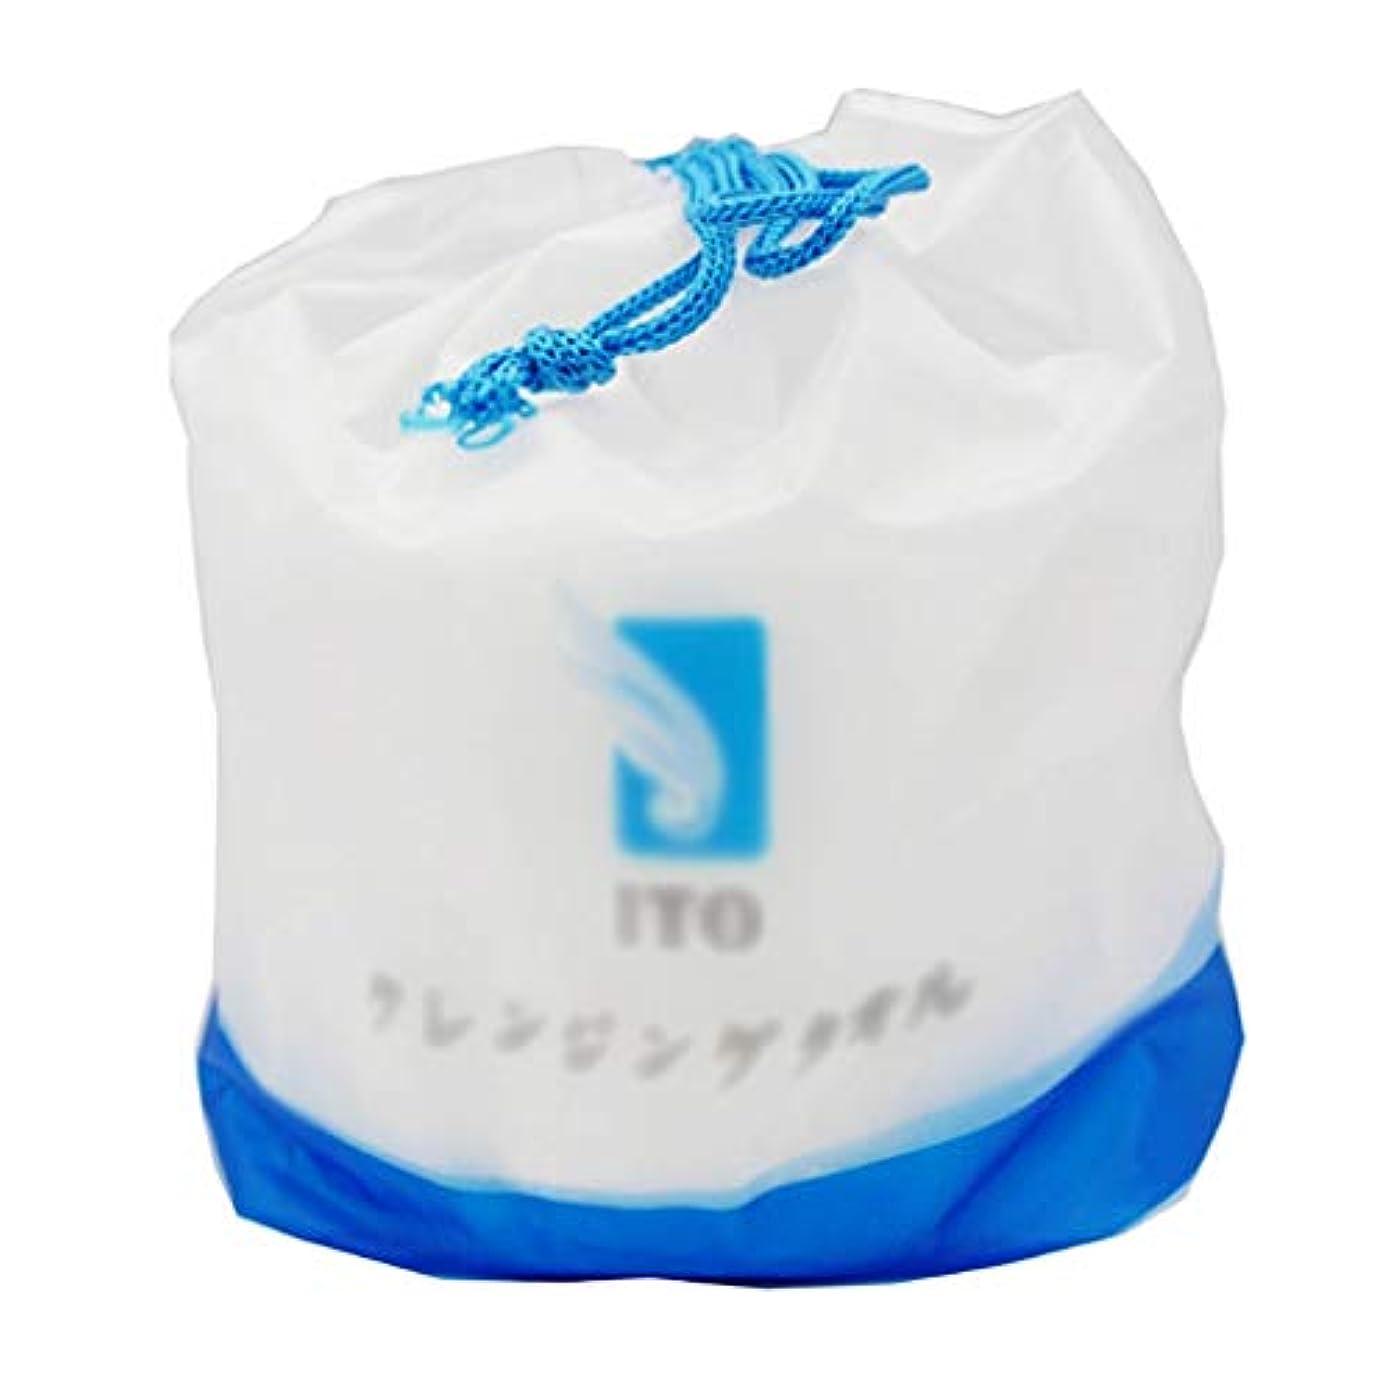 インストラクターに同意する落ち込んでいるクレンジングシート 綿美容フェイスタオル使い捨てクレンジングタオルタオルロール綿パッド女性の美容ツール多目的 (Color : White, サイズ : 20*25cm)